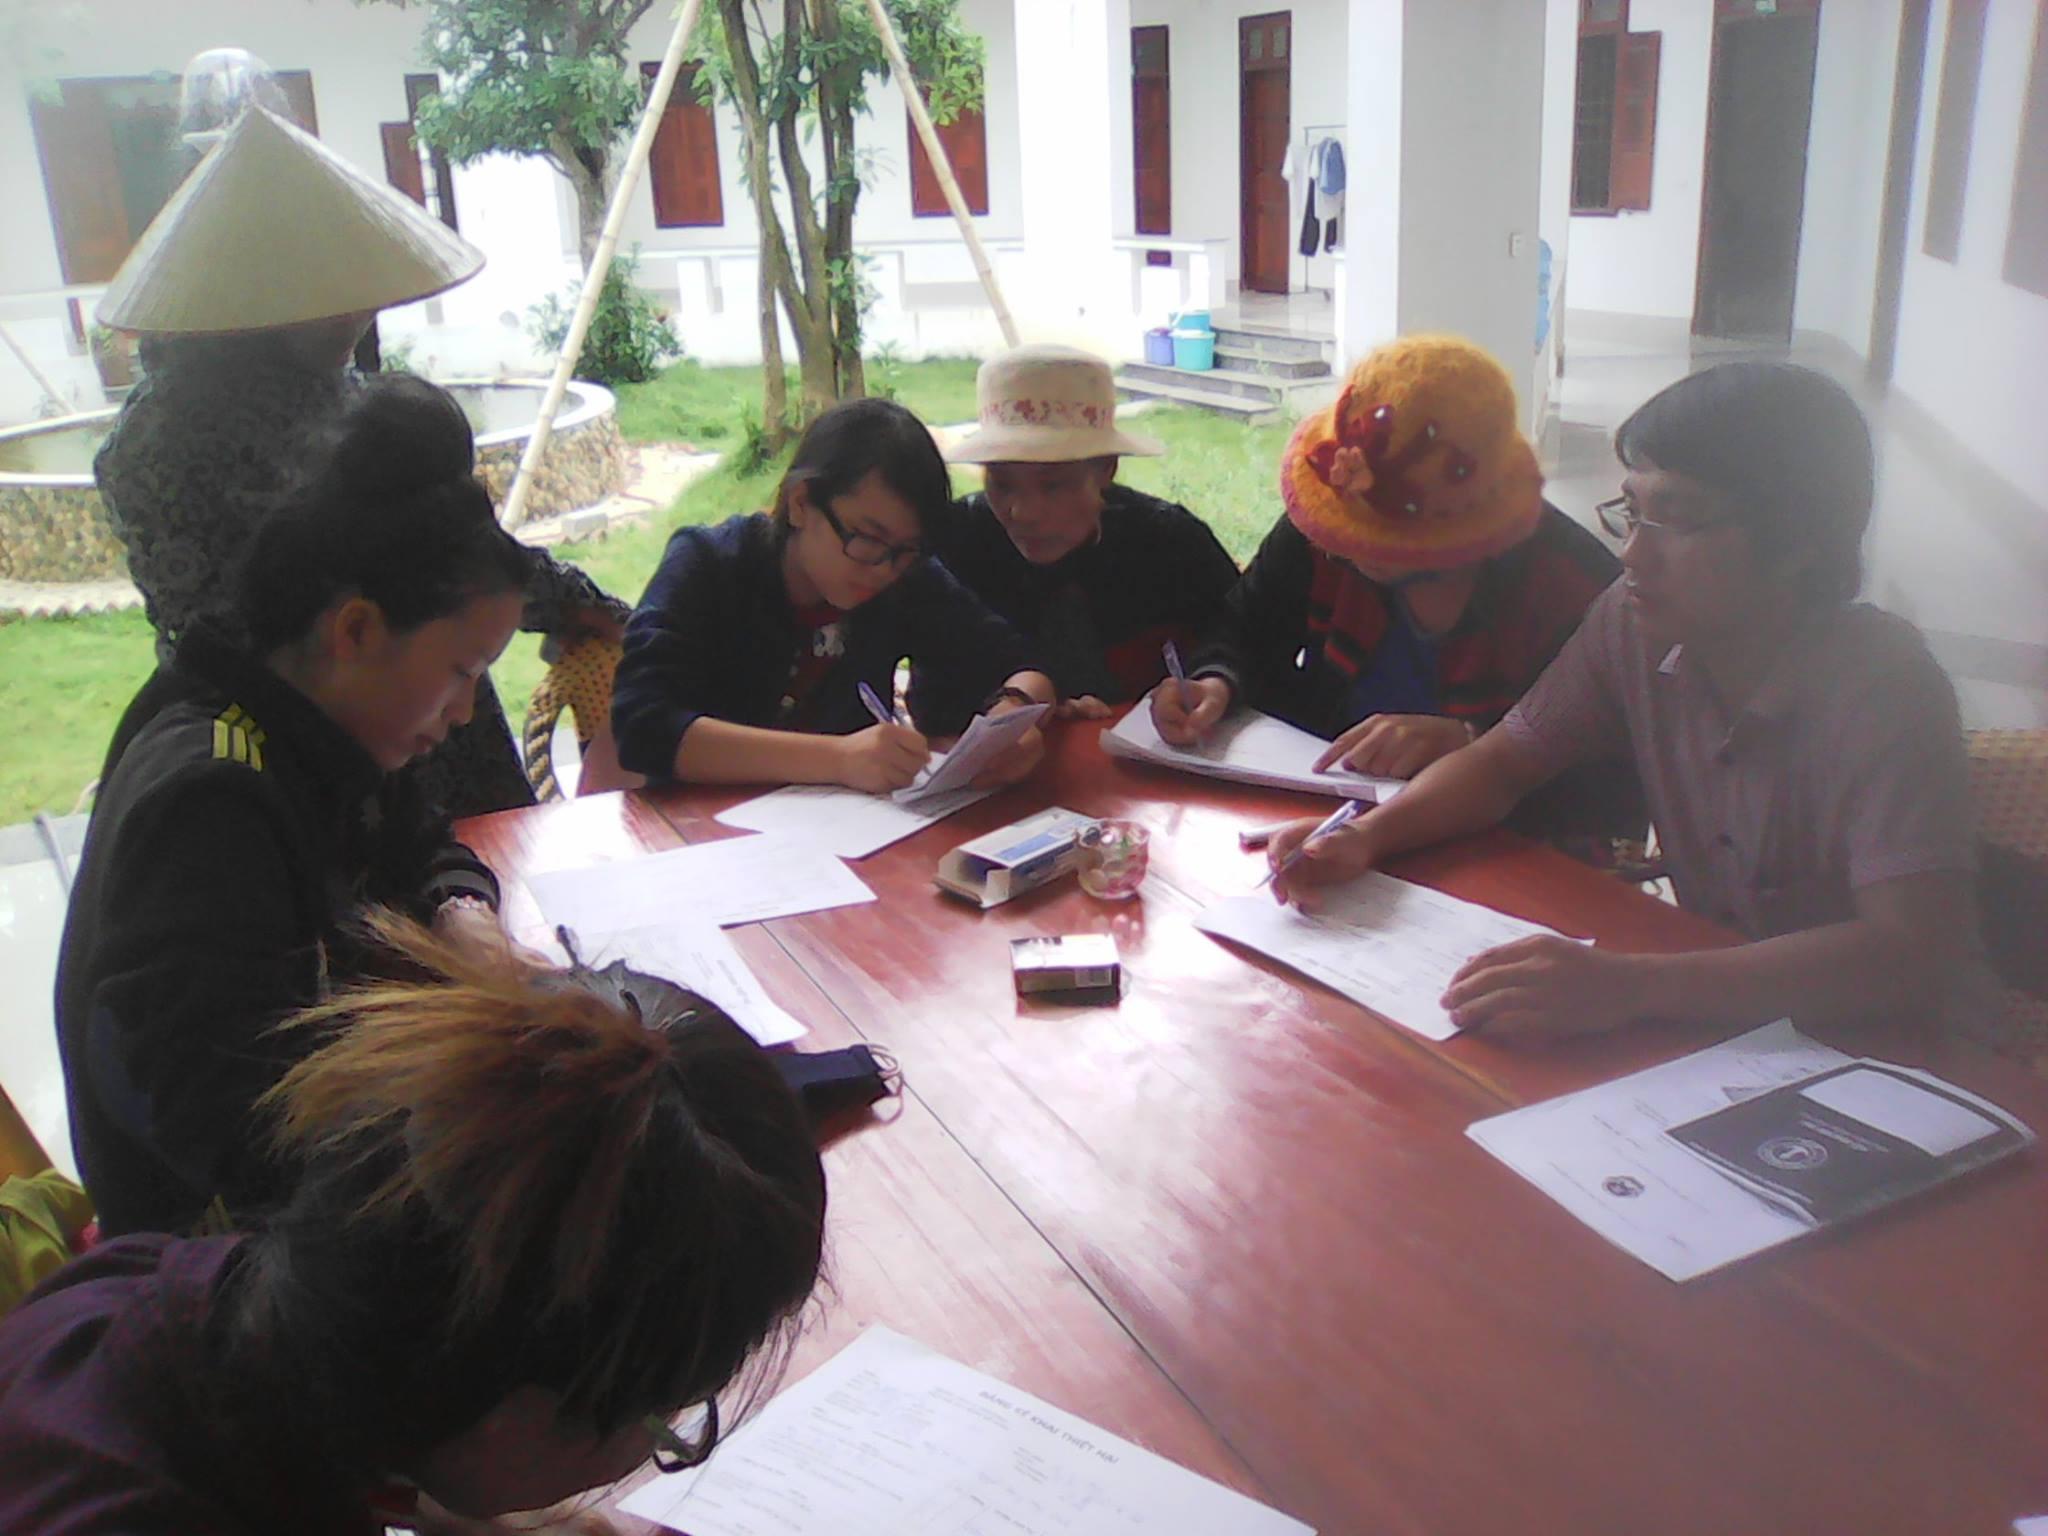 Chính quyền CSVN lại hẹn đến tháng 10 mới đền bù thiệt hại cho ngư dân